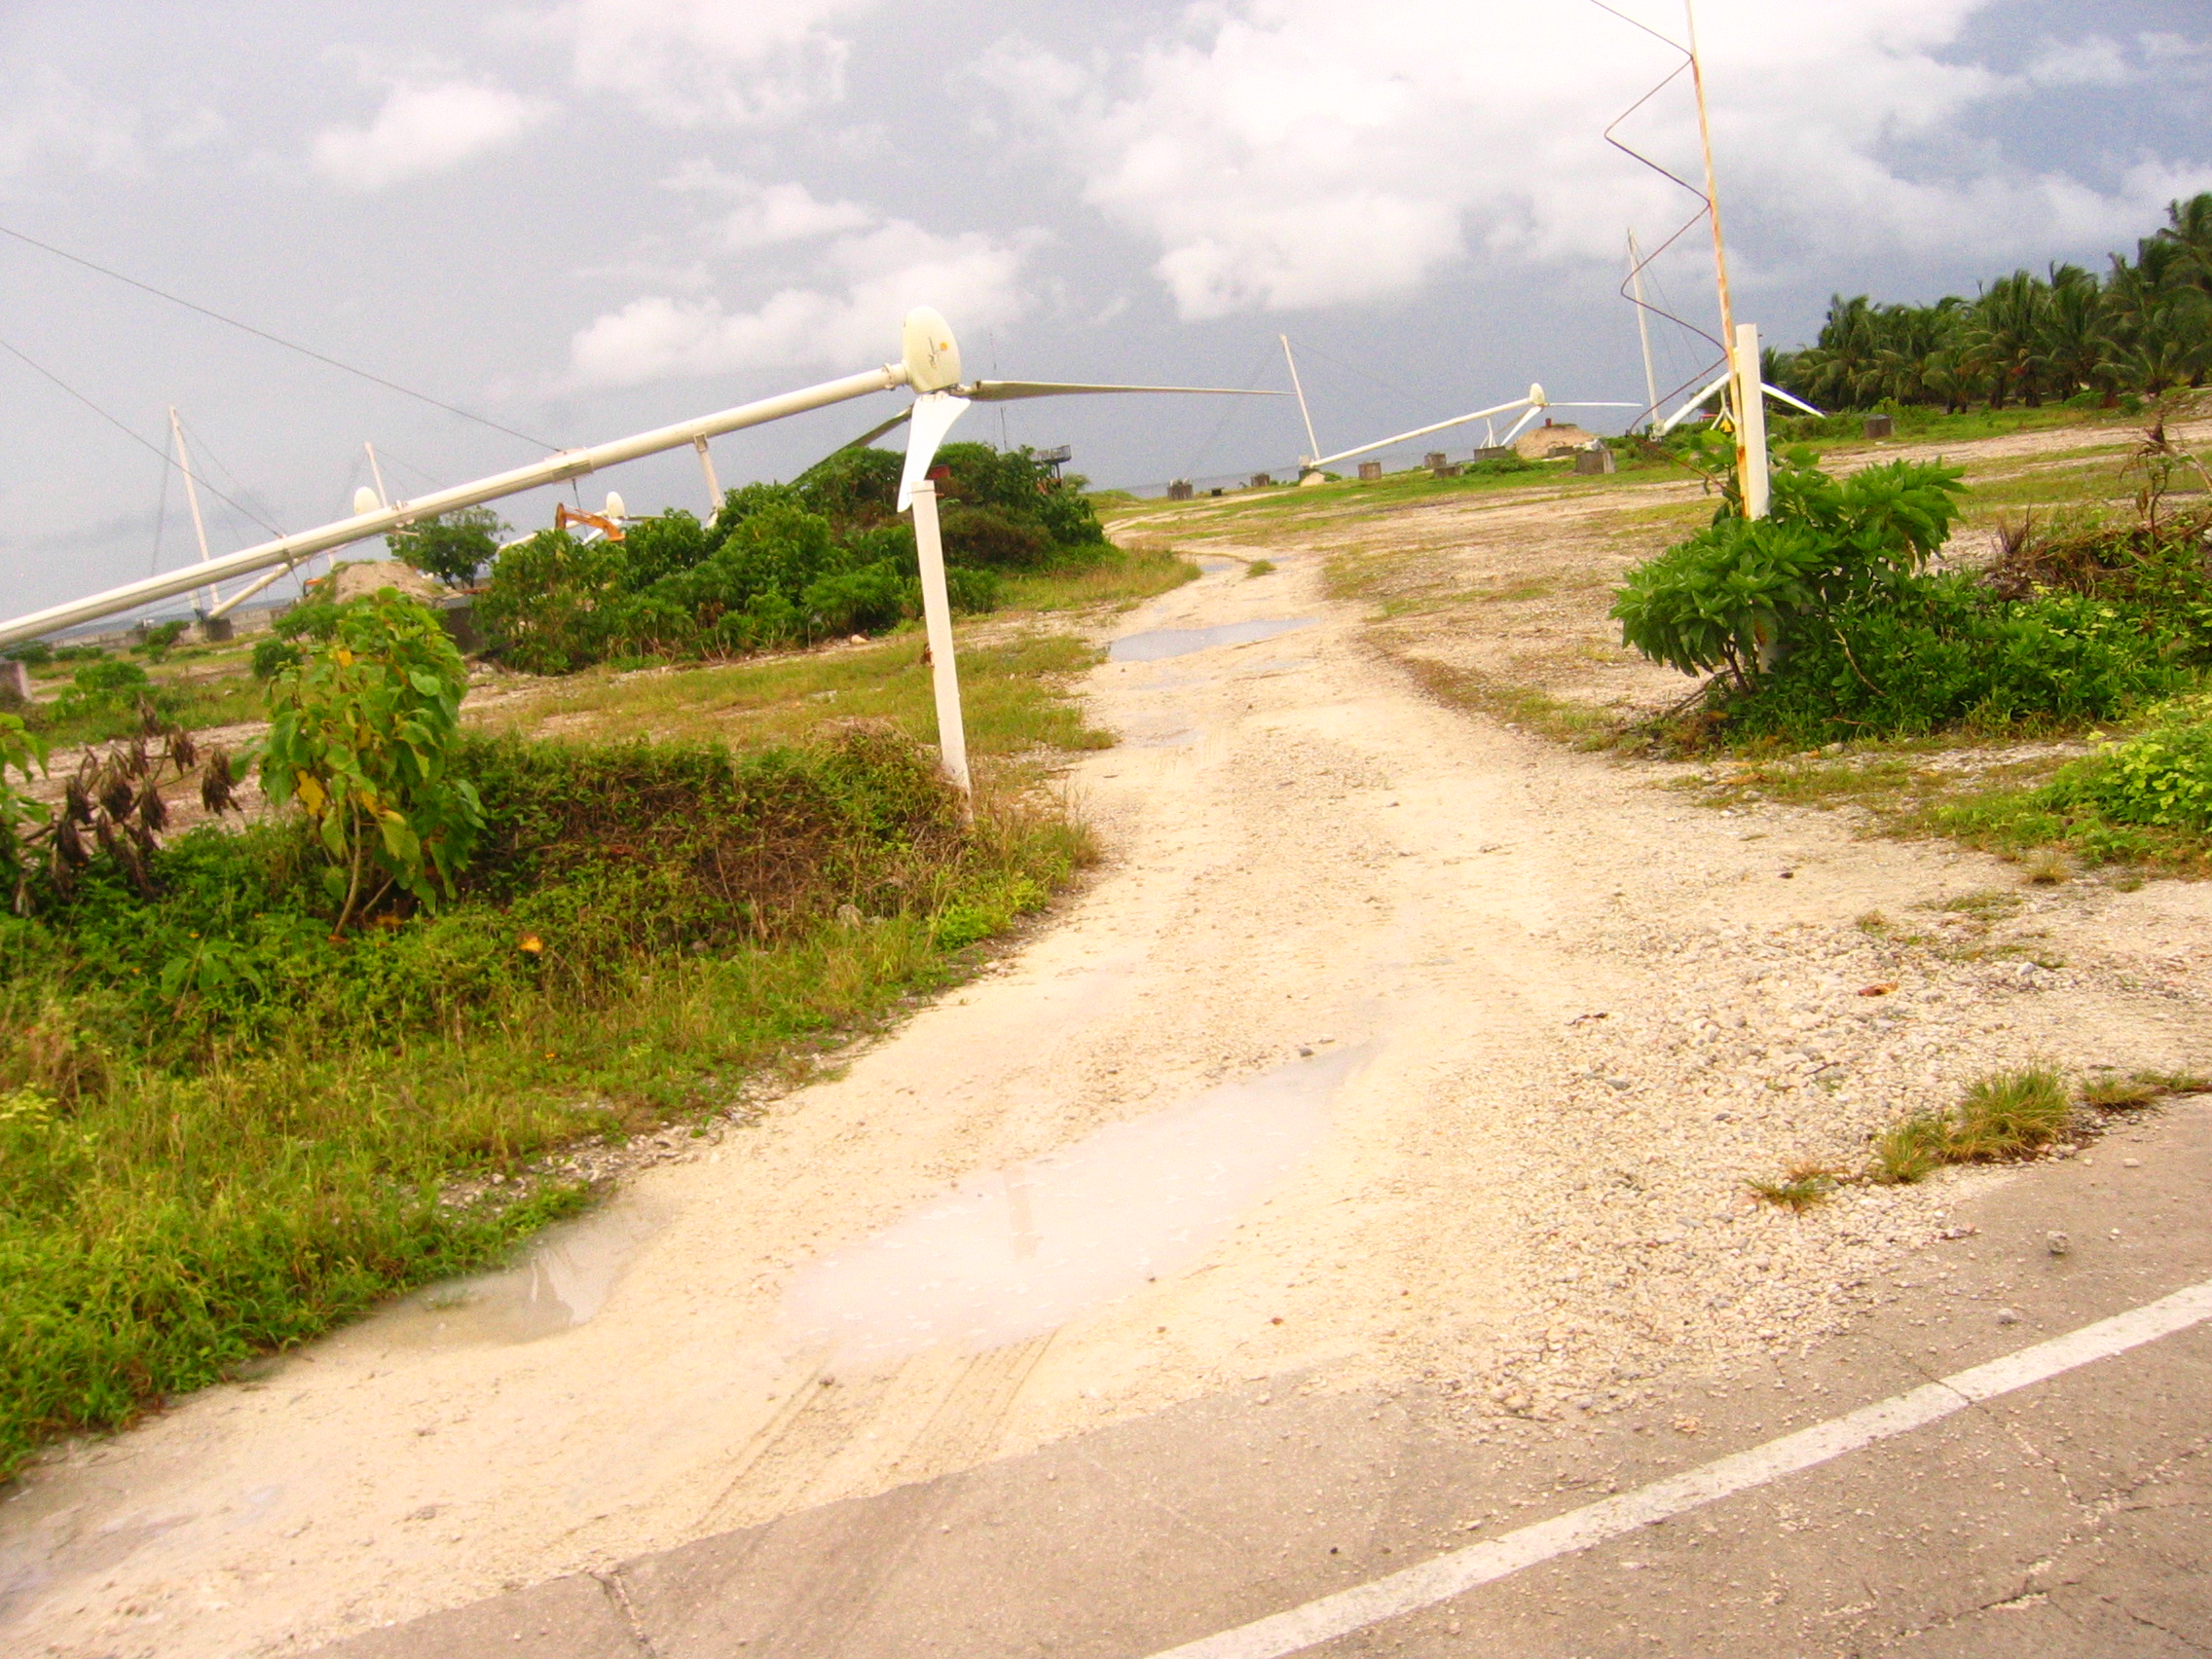 Selon la SEM Te Mau Ito Api, 40 millions de Fcfp seront nécessaires pour relancer la production d'électricité avec les éoliennes.